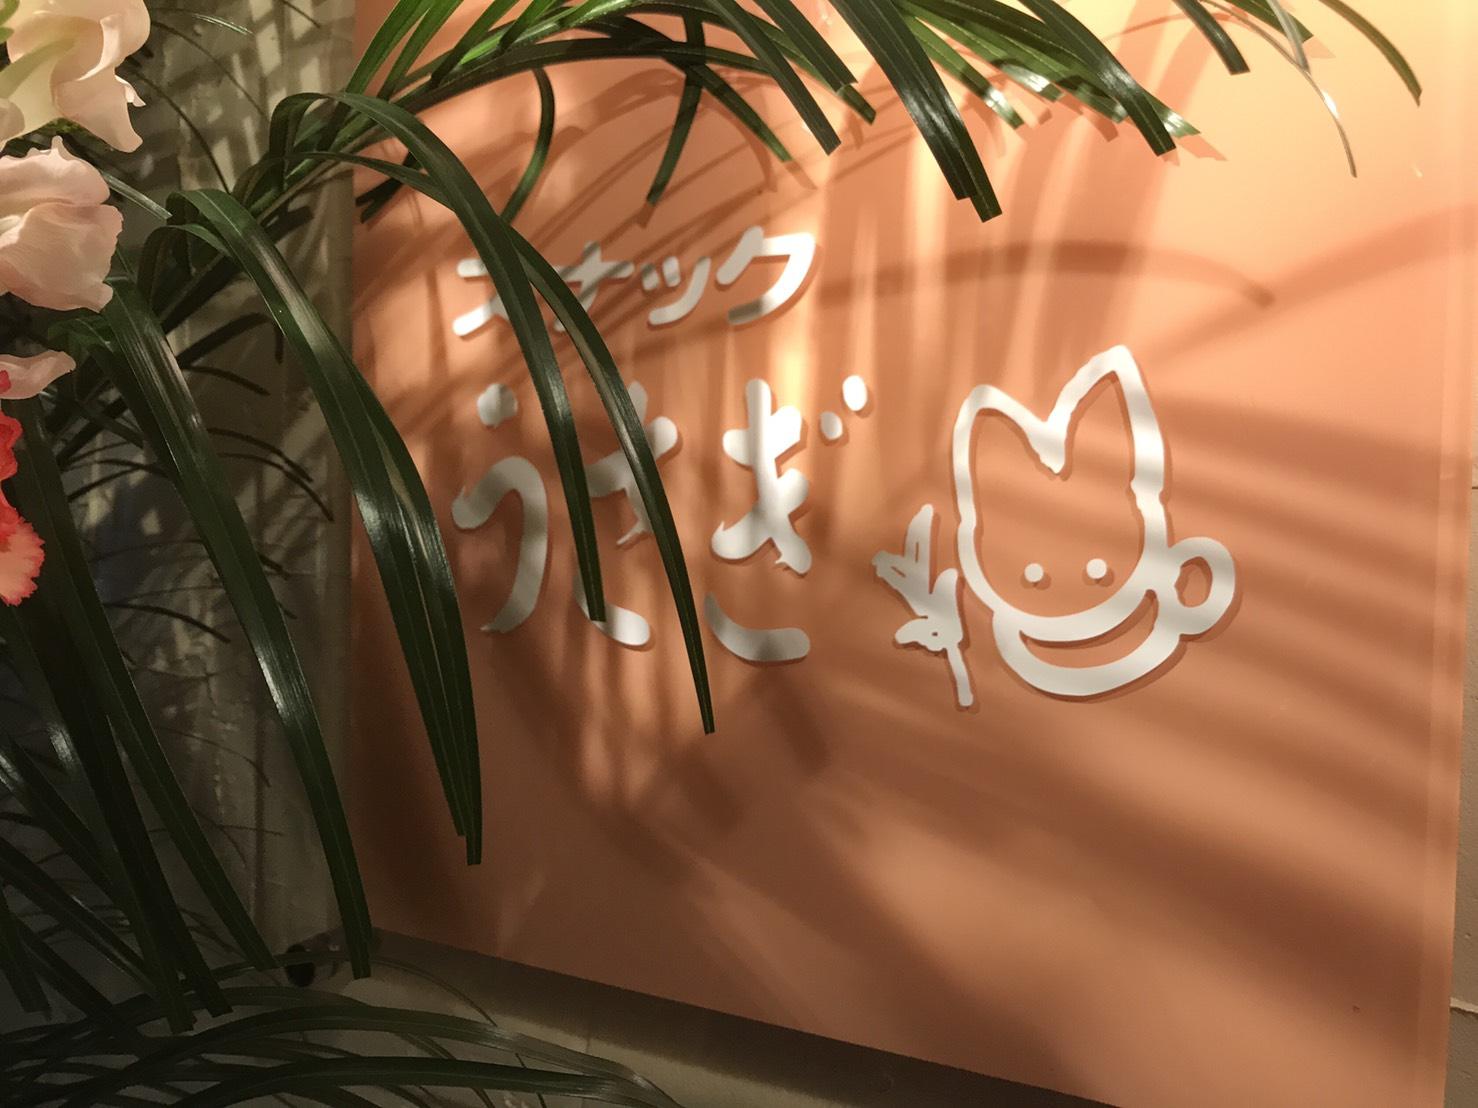 5月28日(日) 日曜日の臨時ひとログ(´▽`) ランクル・ハイエース・アルファード取り揃え☆ミTOMMY_b0127002_18303580.jpg